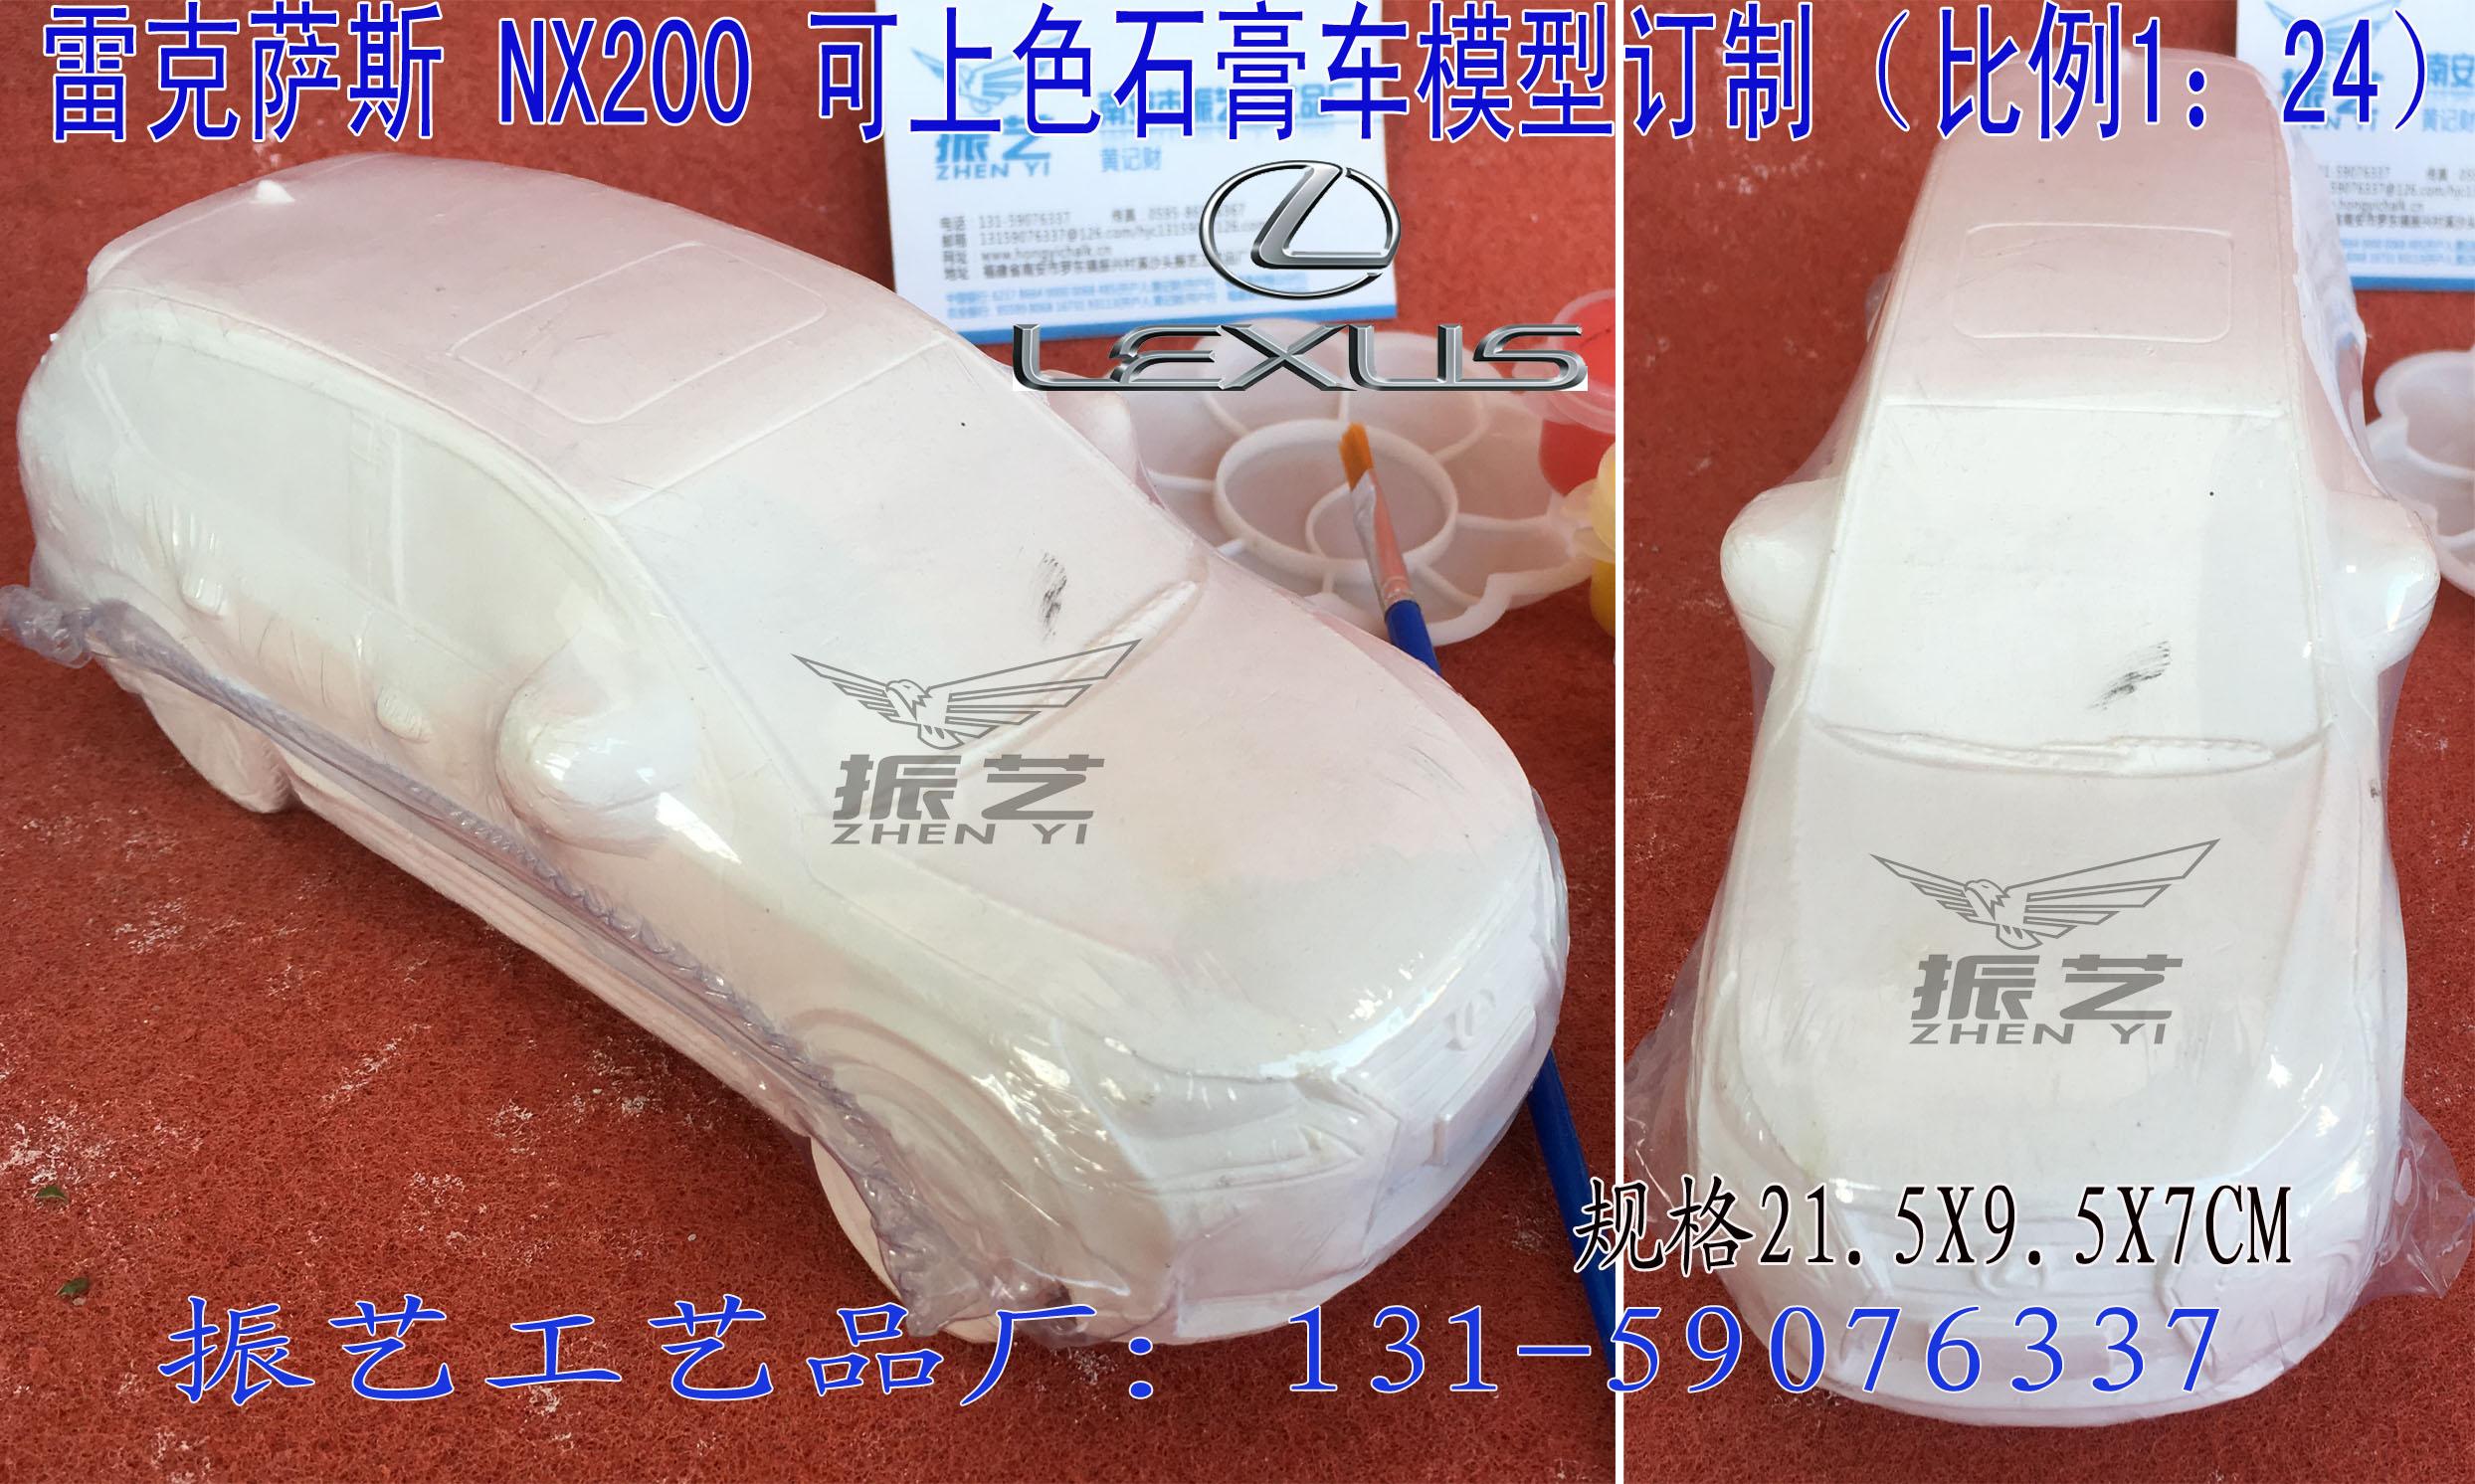 Лексус NX200 окрашенный DIY камень крем автомобилей белый реклама общественное выключить , новый автомобиль релиз подожди общественное выключить статьи